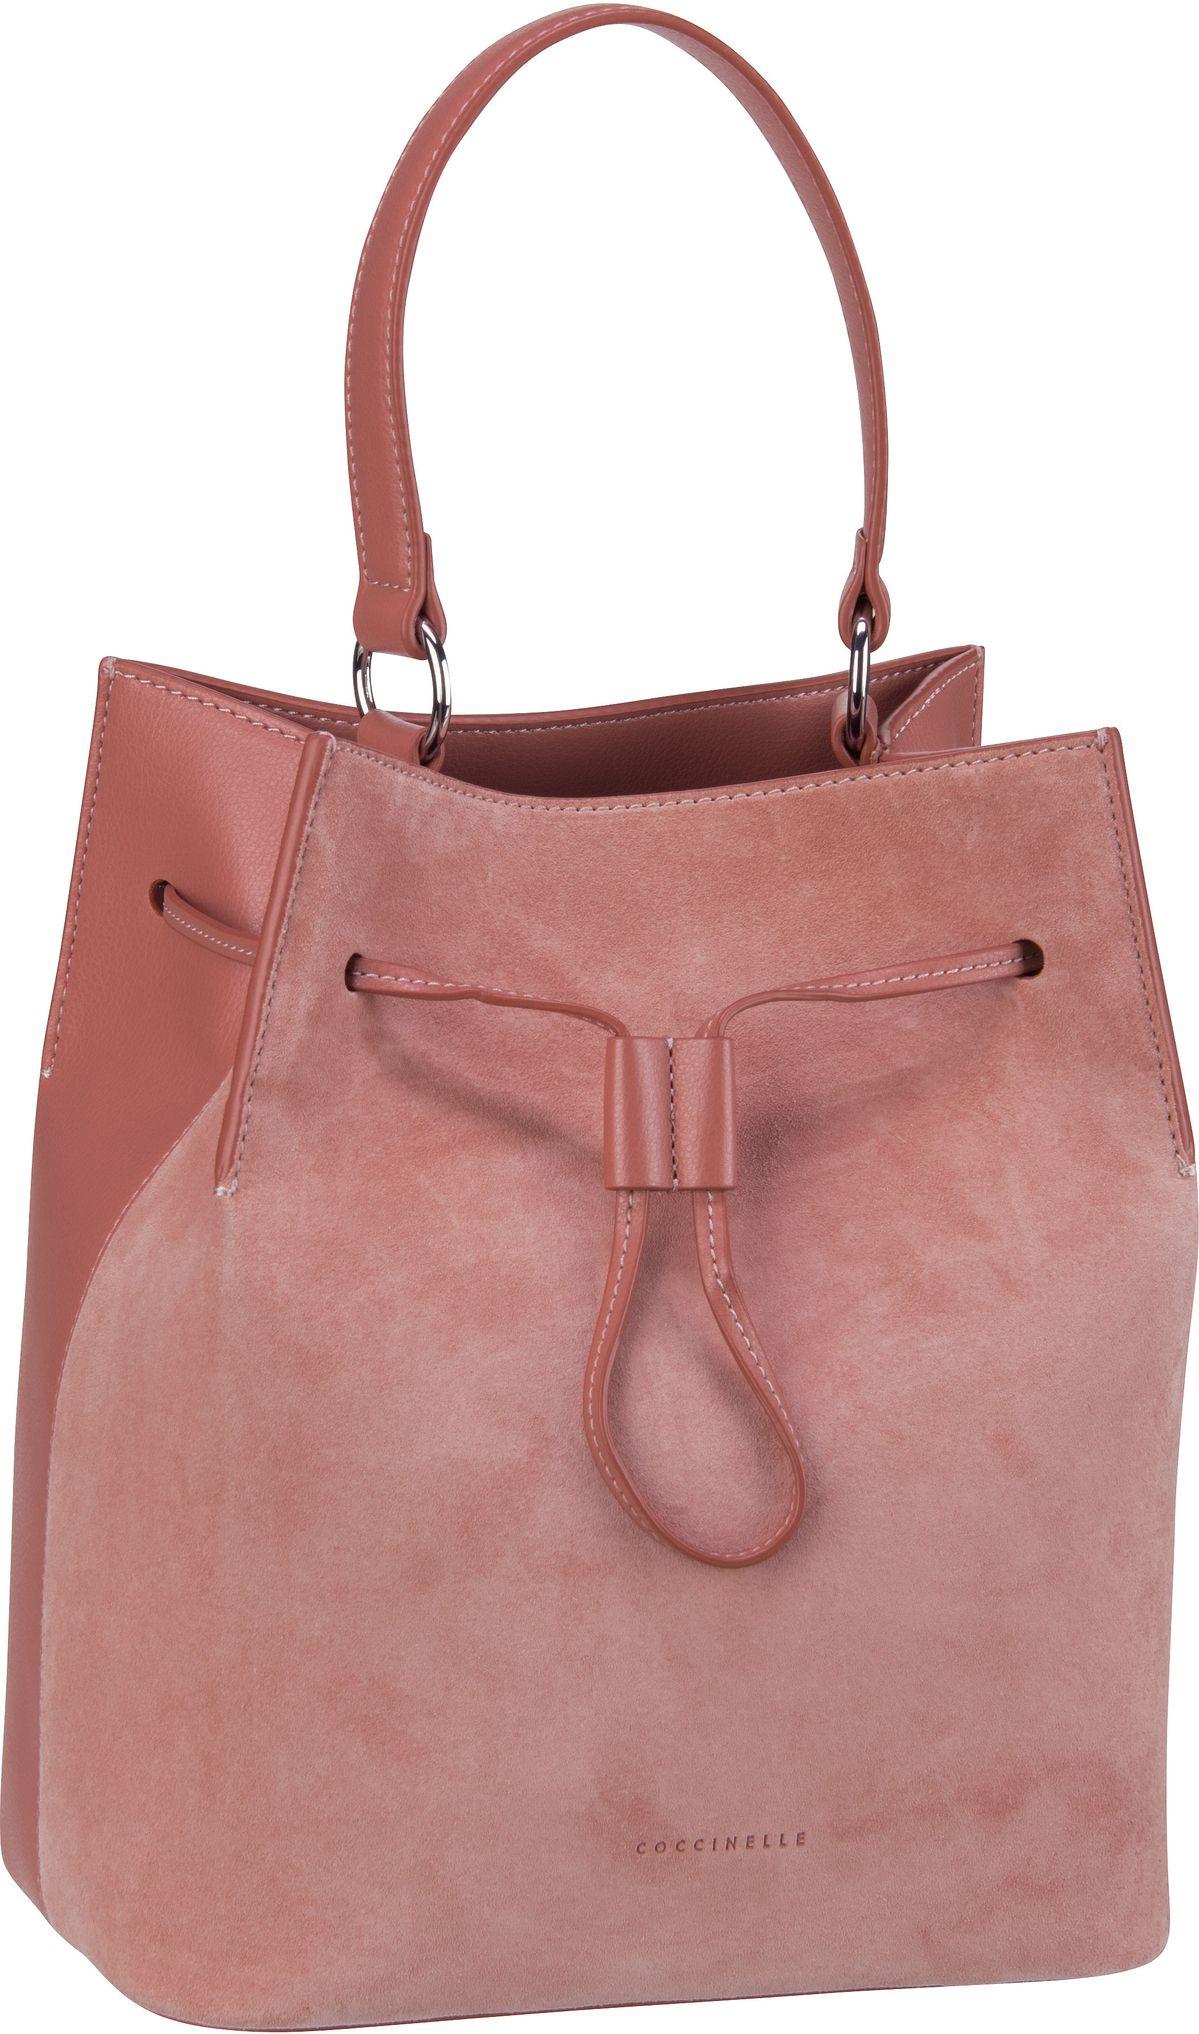 Handtasche Sandy Bimaterial 2301 New Pivione